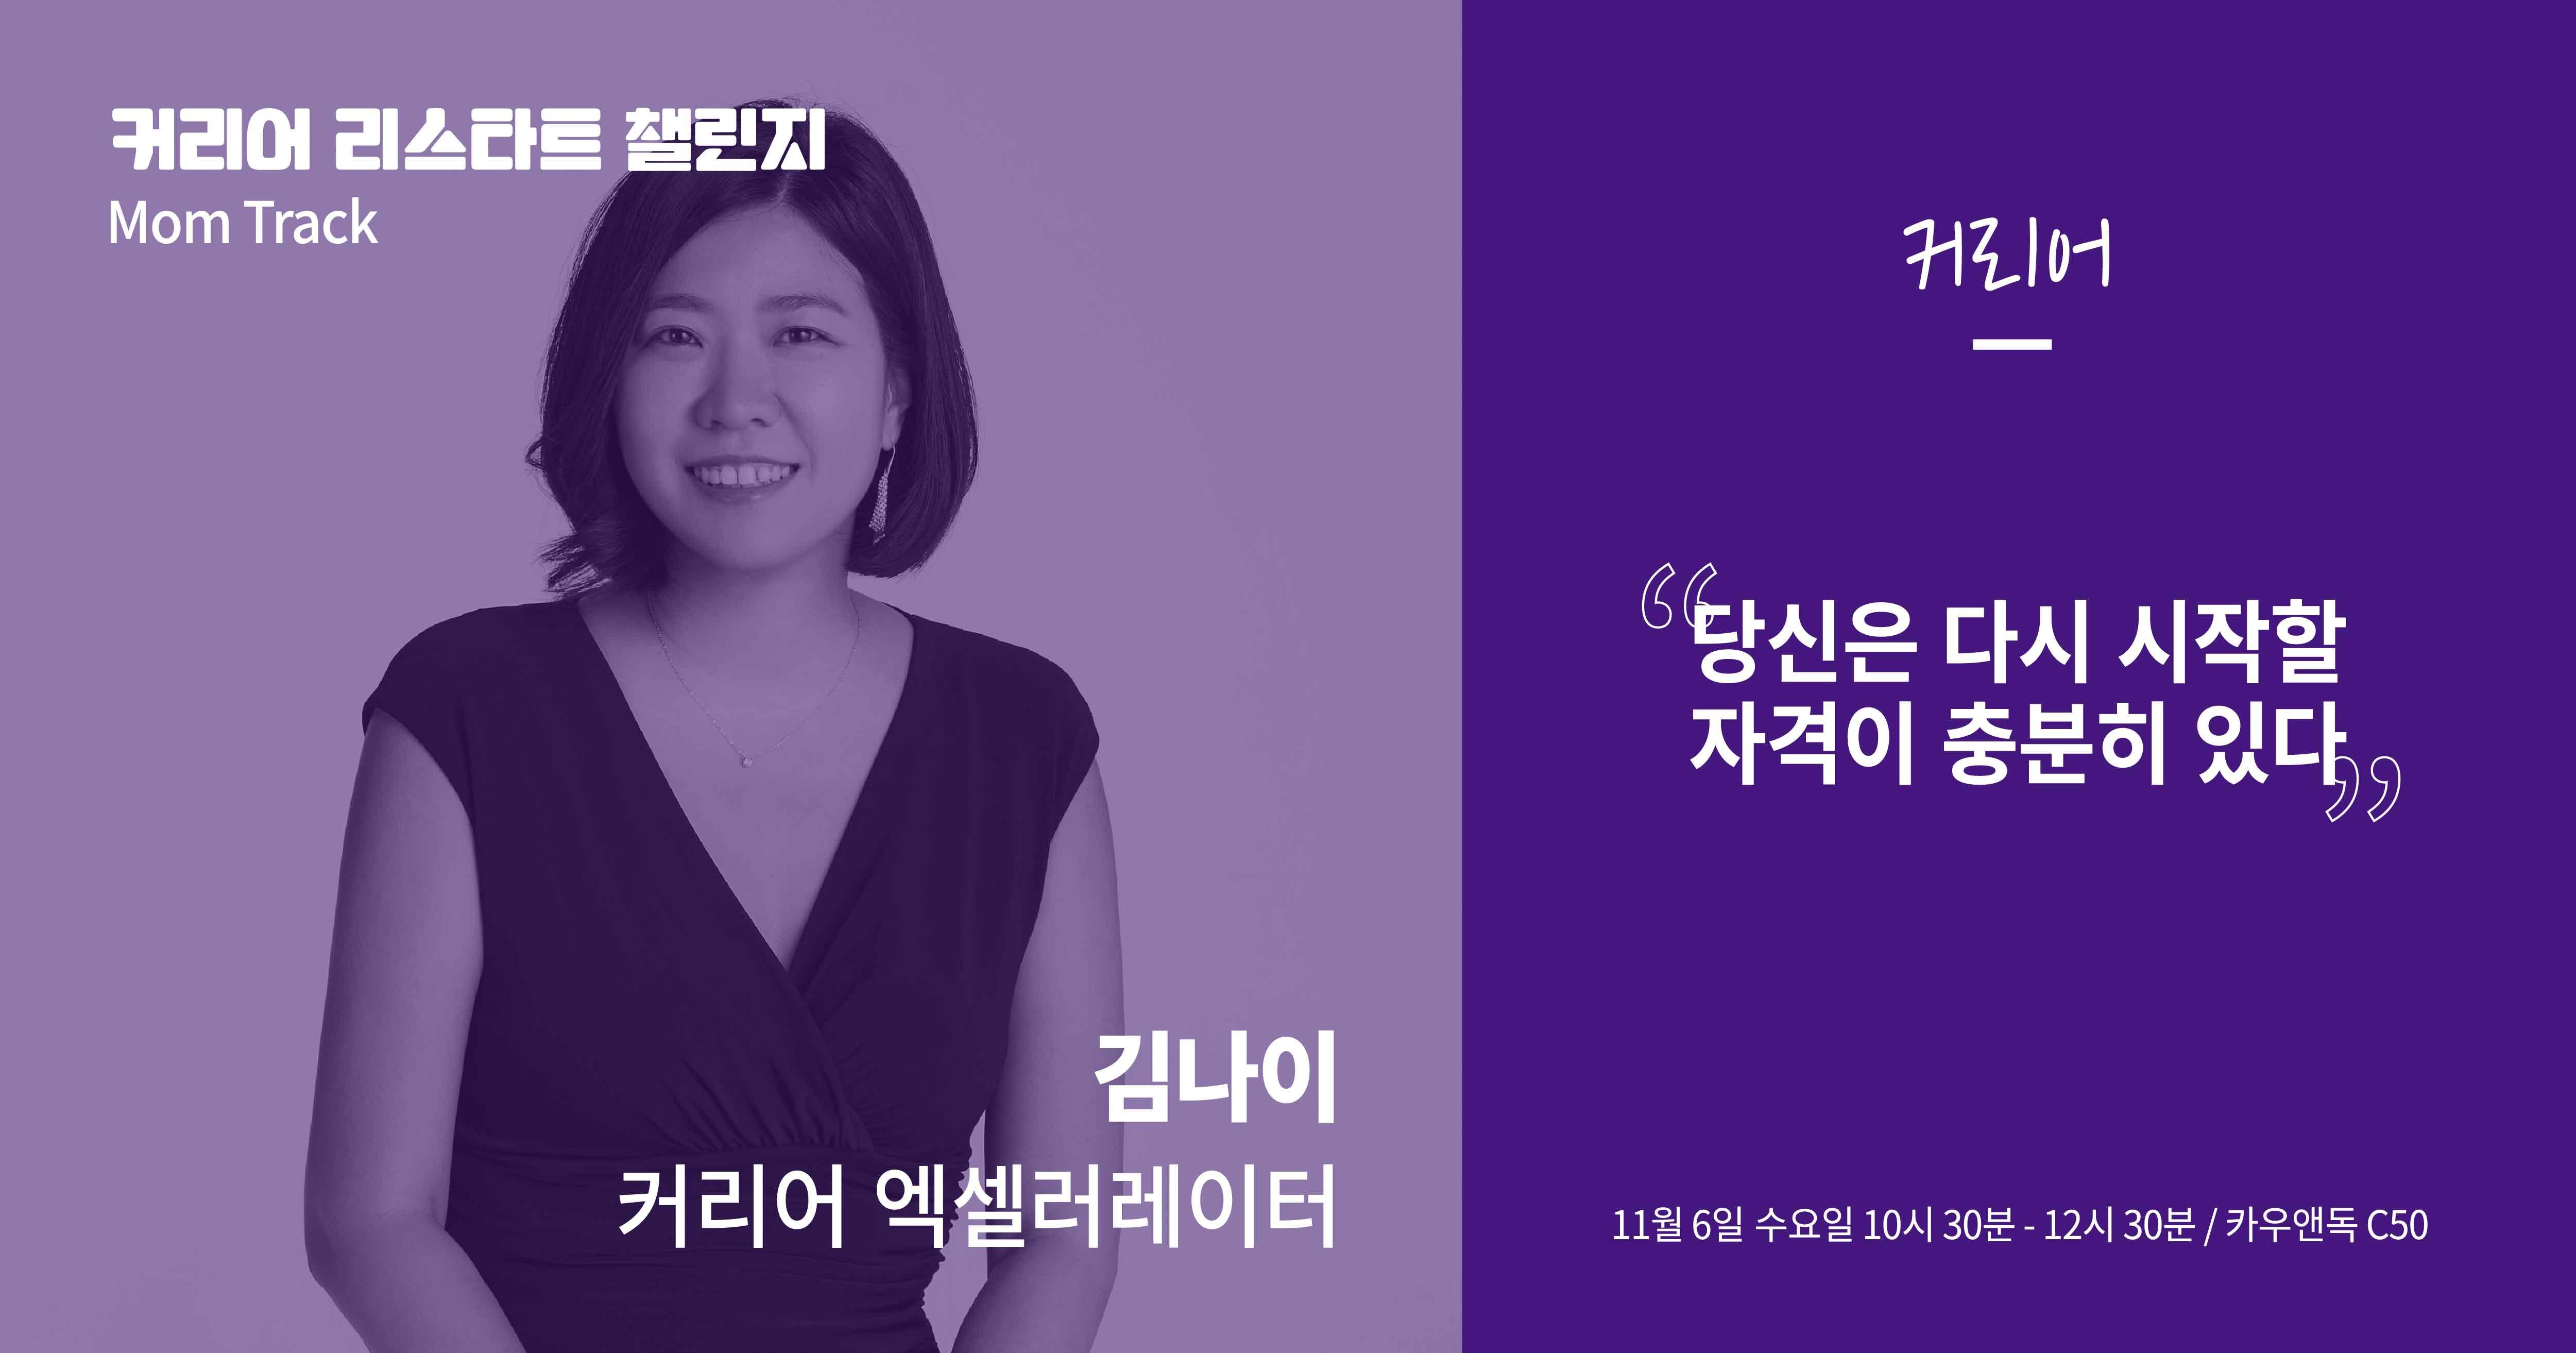 """[커리챌] """"당신은 다시 시작할 자격이 충분히 있다"""" 김나이 커리어 엑셀러레이터 이미지"""